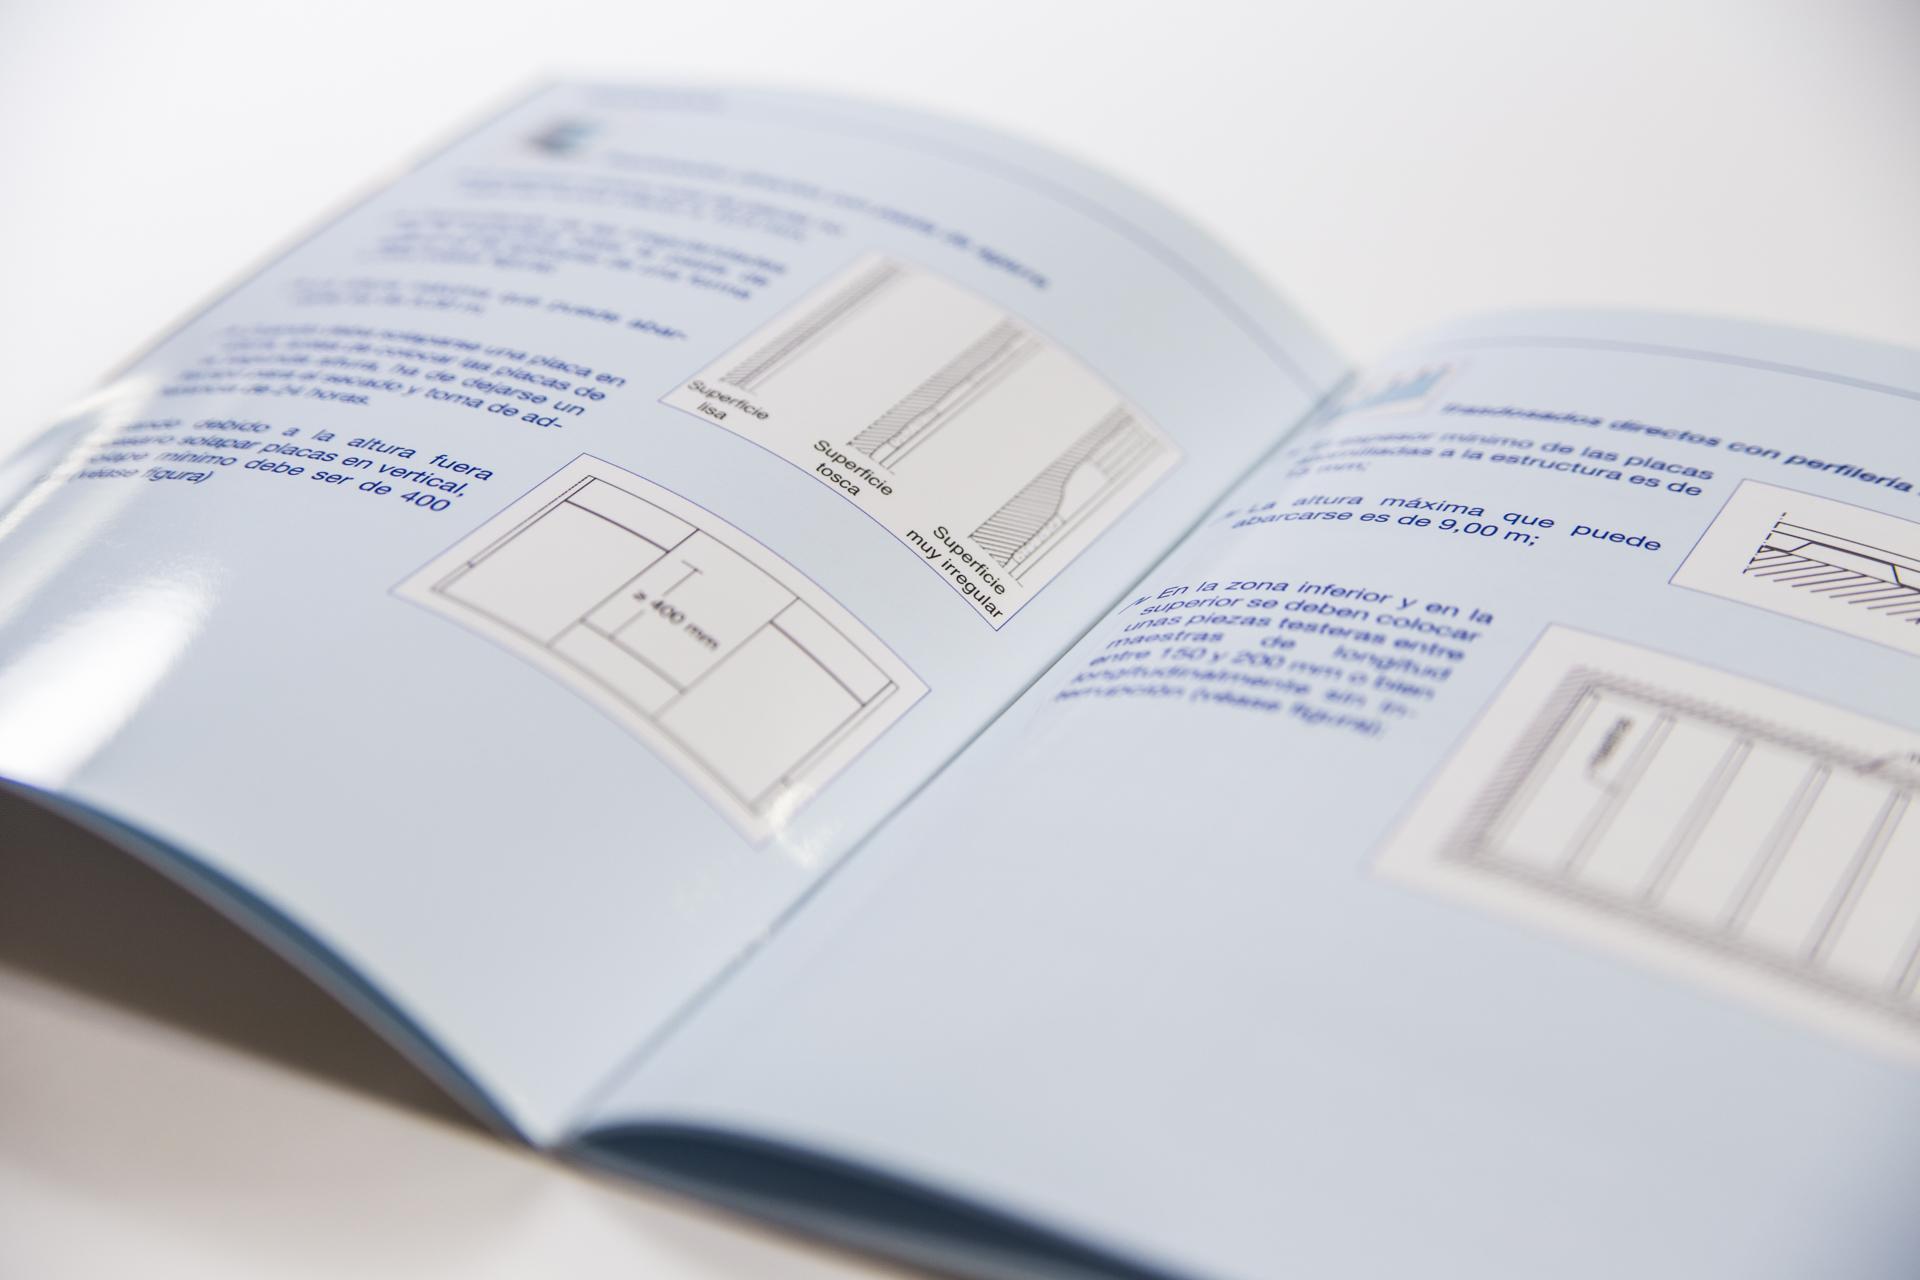 Impresión de manuales e instructivos